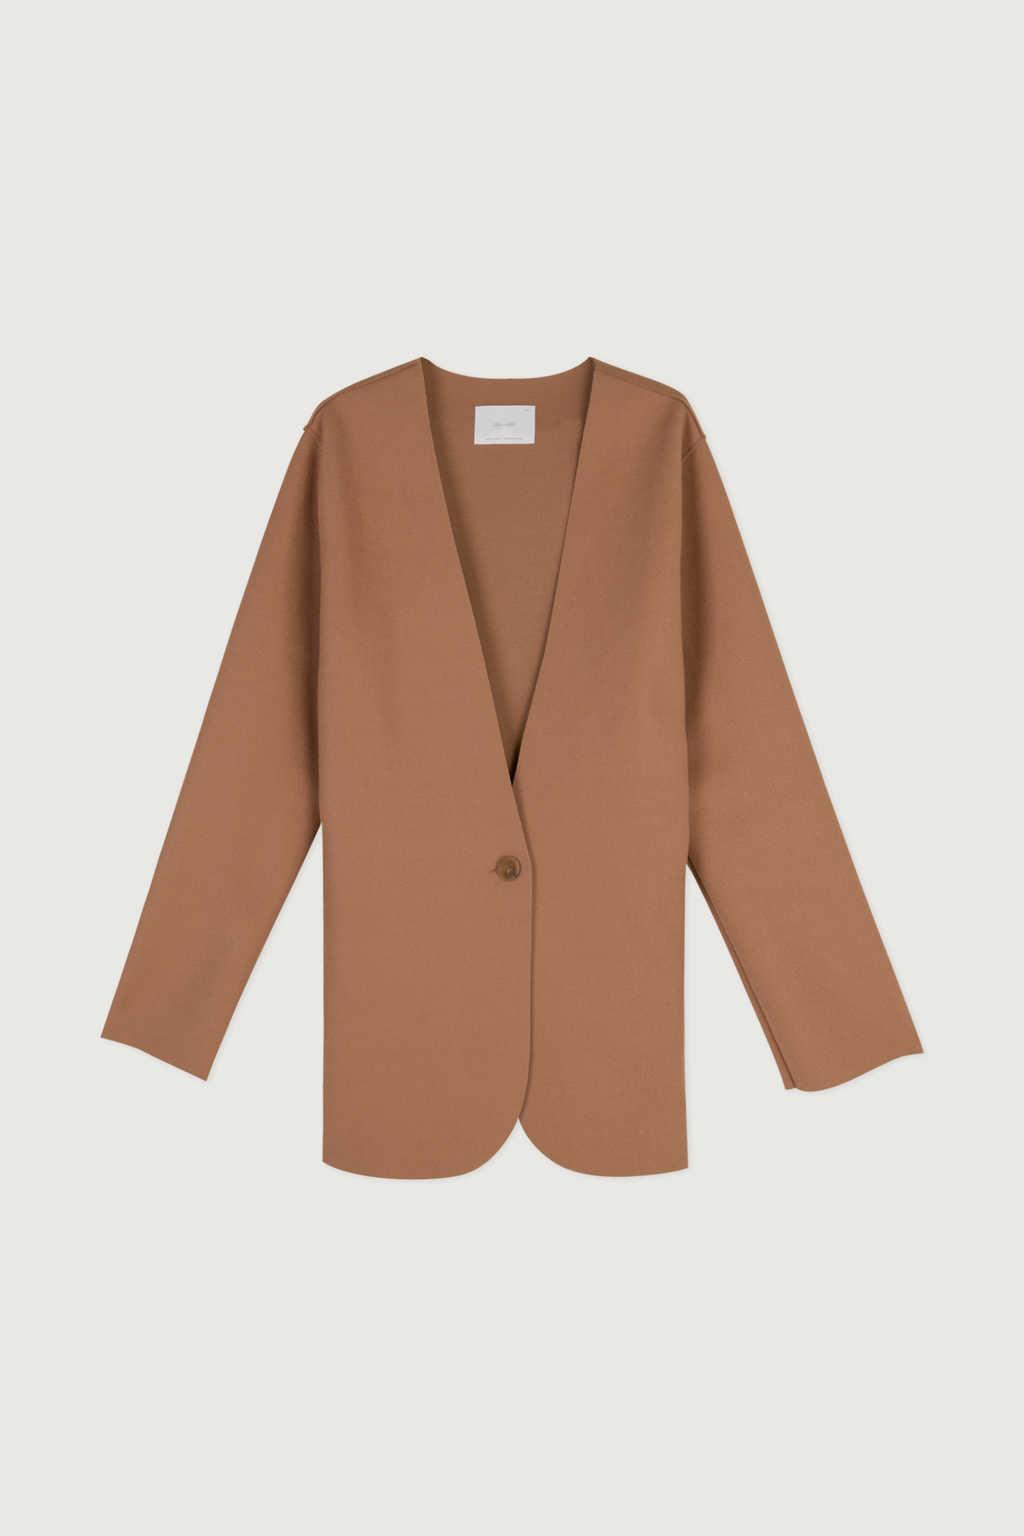 Jacket J009 Beige 7